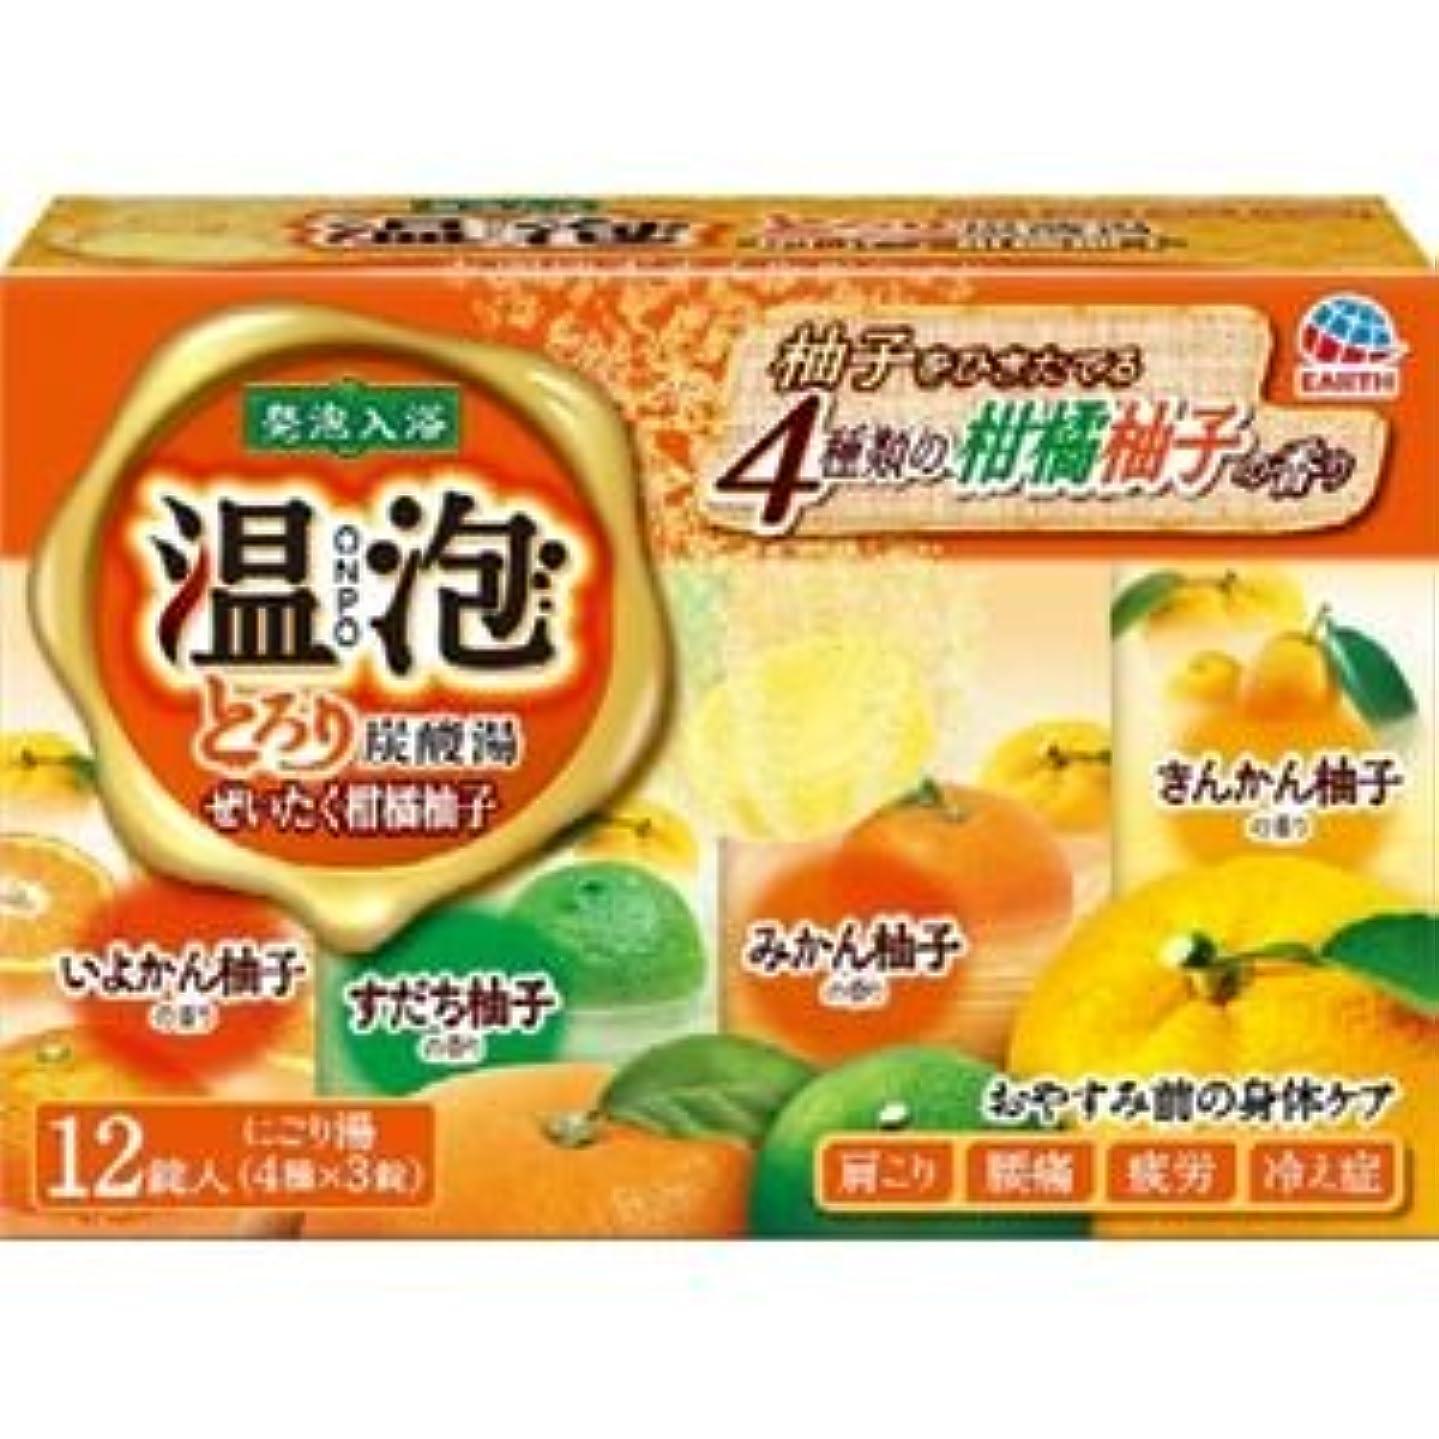 雨レクリエーション納税者(まとめ)アース製薬 温泡とろり炭酸湯ぜいたく柑橘柚子12錠入 【×3点セット】